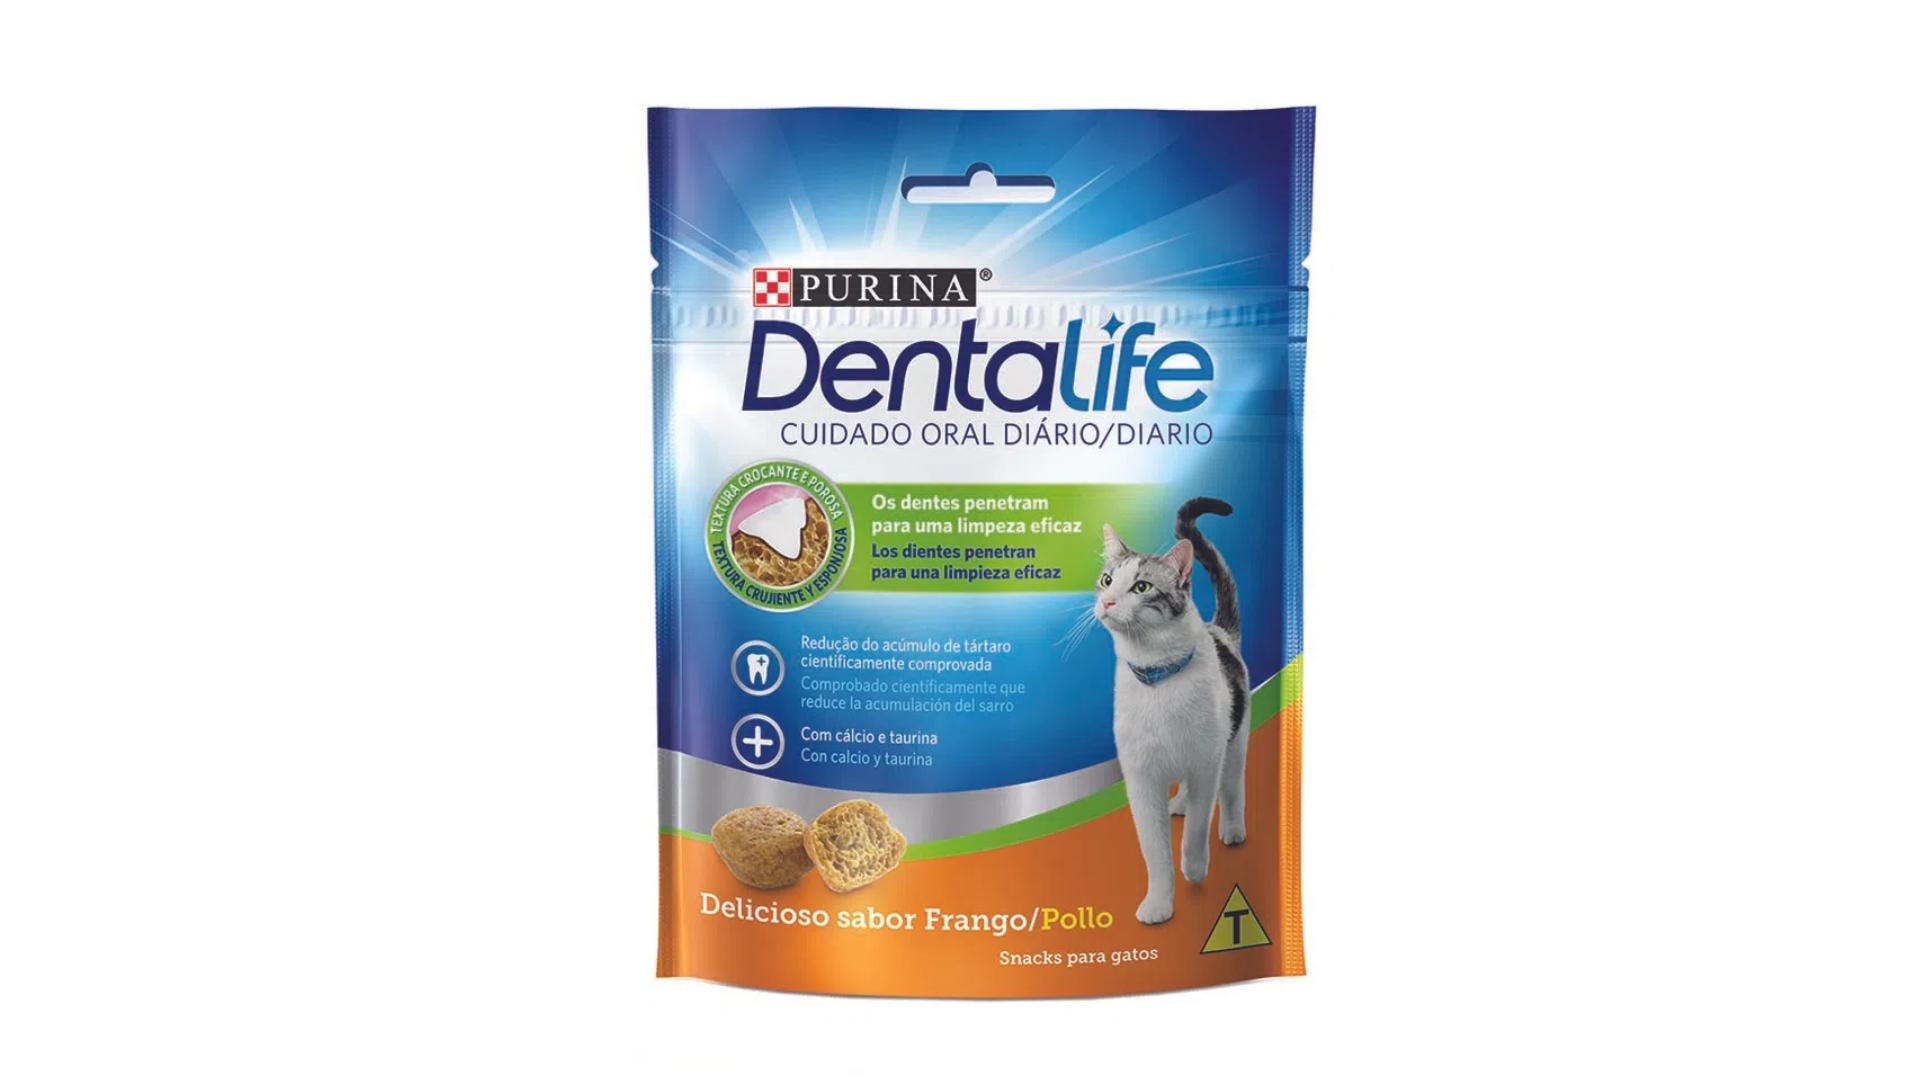 O pestisco Purina DentaLife ajuda na higiene oral dos gatos (Divulgação/Nestlé)